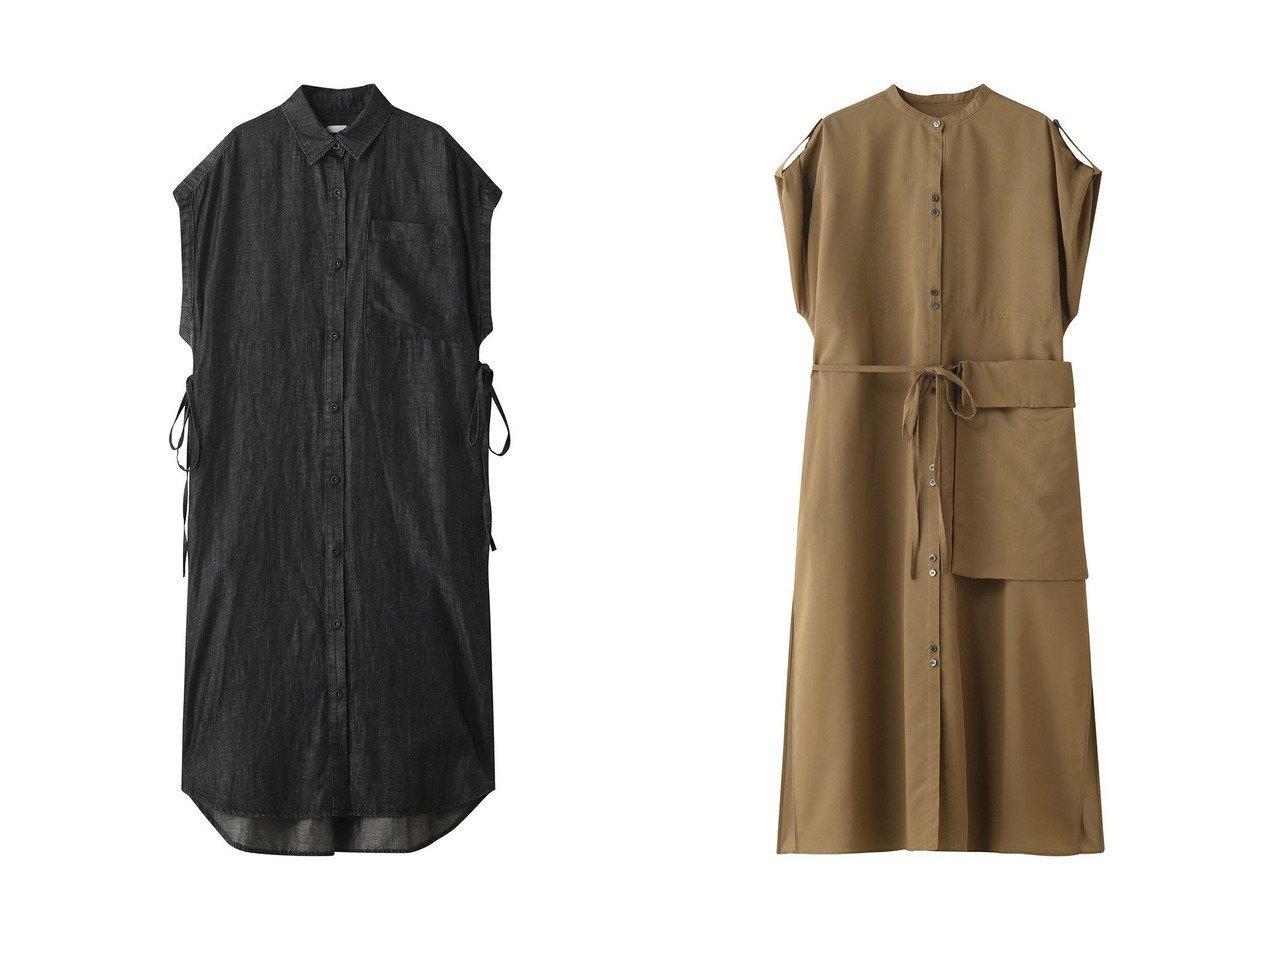 【RITO/リト】のコットンリネンデニムスリーブレスシャツドレス&ポーチポケット付きシアコットンロングシャツドレス RITOのおすすめ!人気、トレンド・レディースファッションの通販 おすすめで人気の流行・トレンド、ファッションの通販商品 メンズファッション・キッズファッション・インテリア・家具・レディースファッション・服の通販 founy(ファニー) https://founy.com/ ファッション Fashion レディースファッション WOMEN ワンピース Dress ドレス Party Dresses ポーチ Pouches 2021年 2021 2021 春夏 S/S SS Spring/Summer 2021 S/S 春夏 SS Spring/Summer デニム リネン レギンス 春 Spring |ID:crp329100000019492